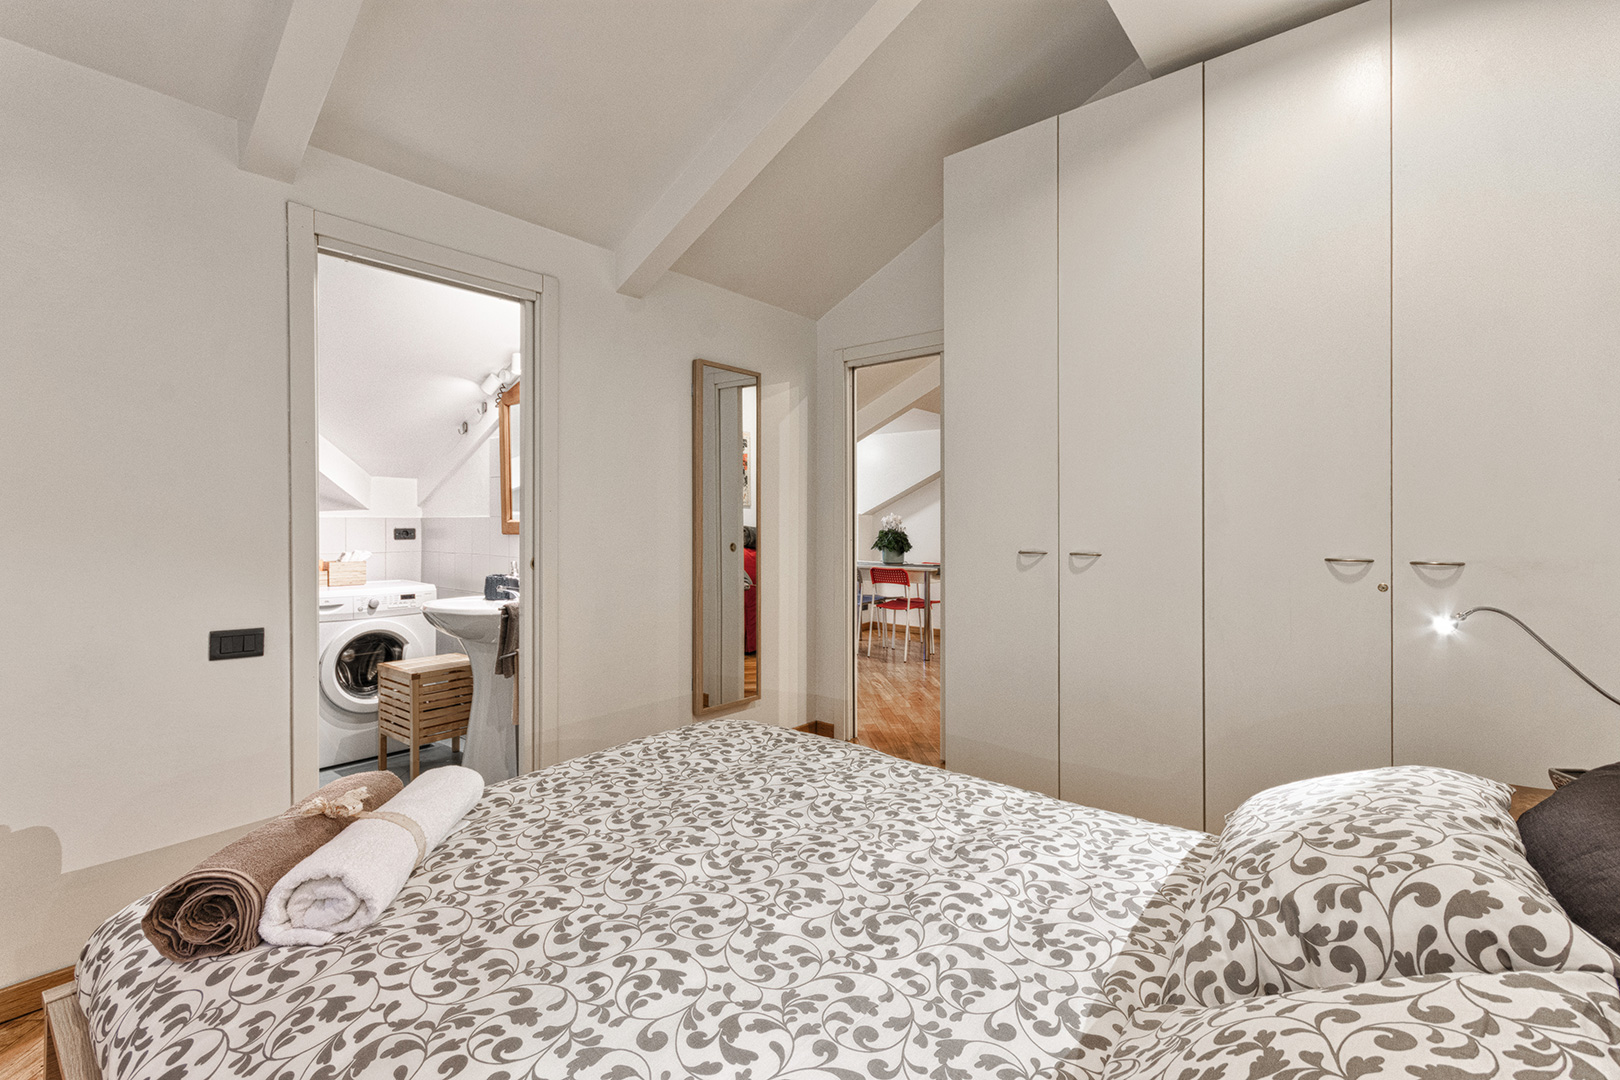 Camera da letto - Via Maria Vittoria